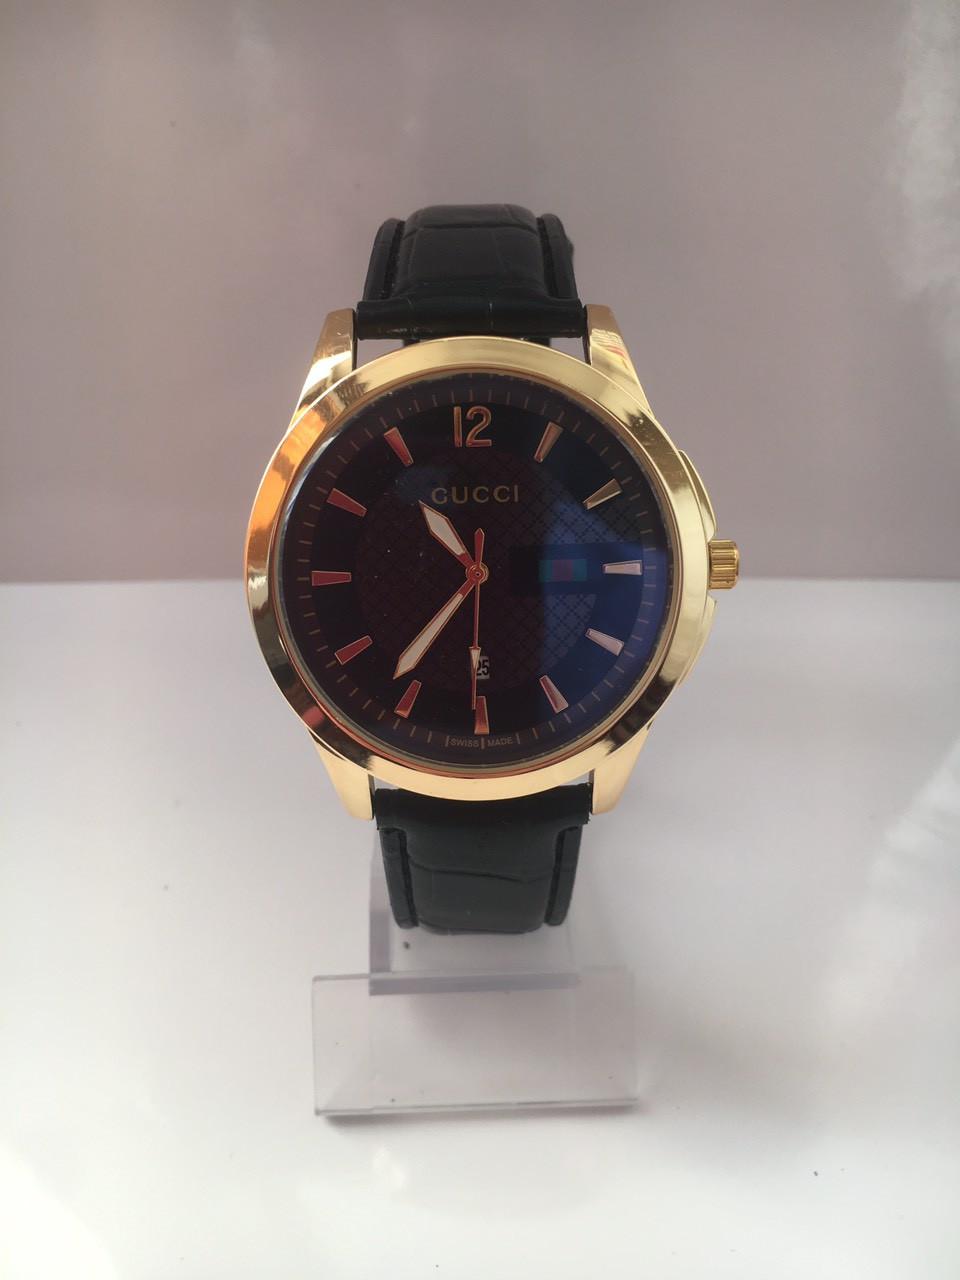 Мужские наручные часы Gucci (Гуччи), золотисто-черный цвет